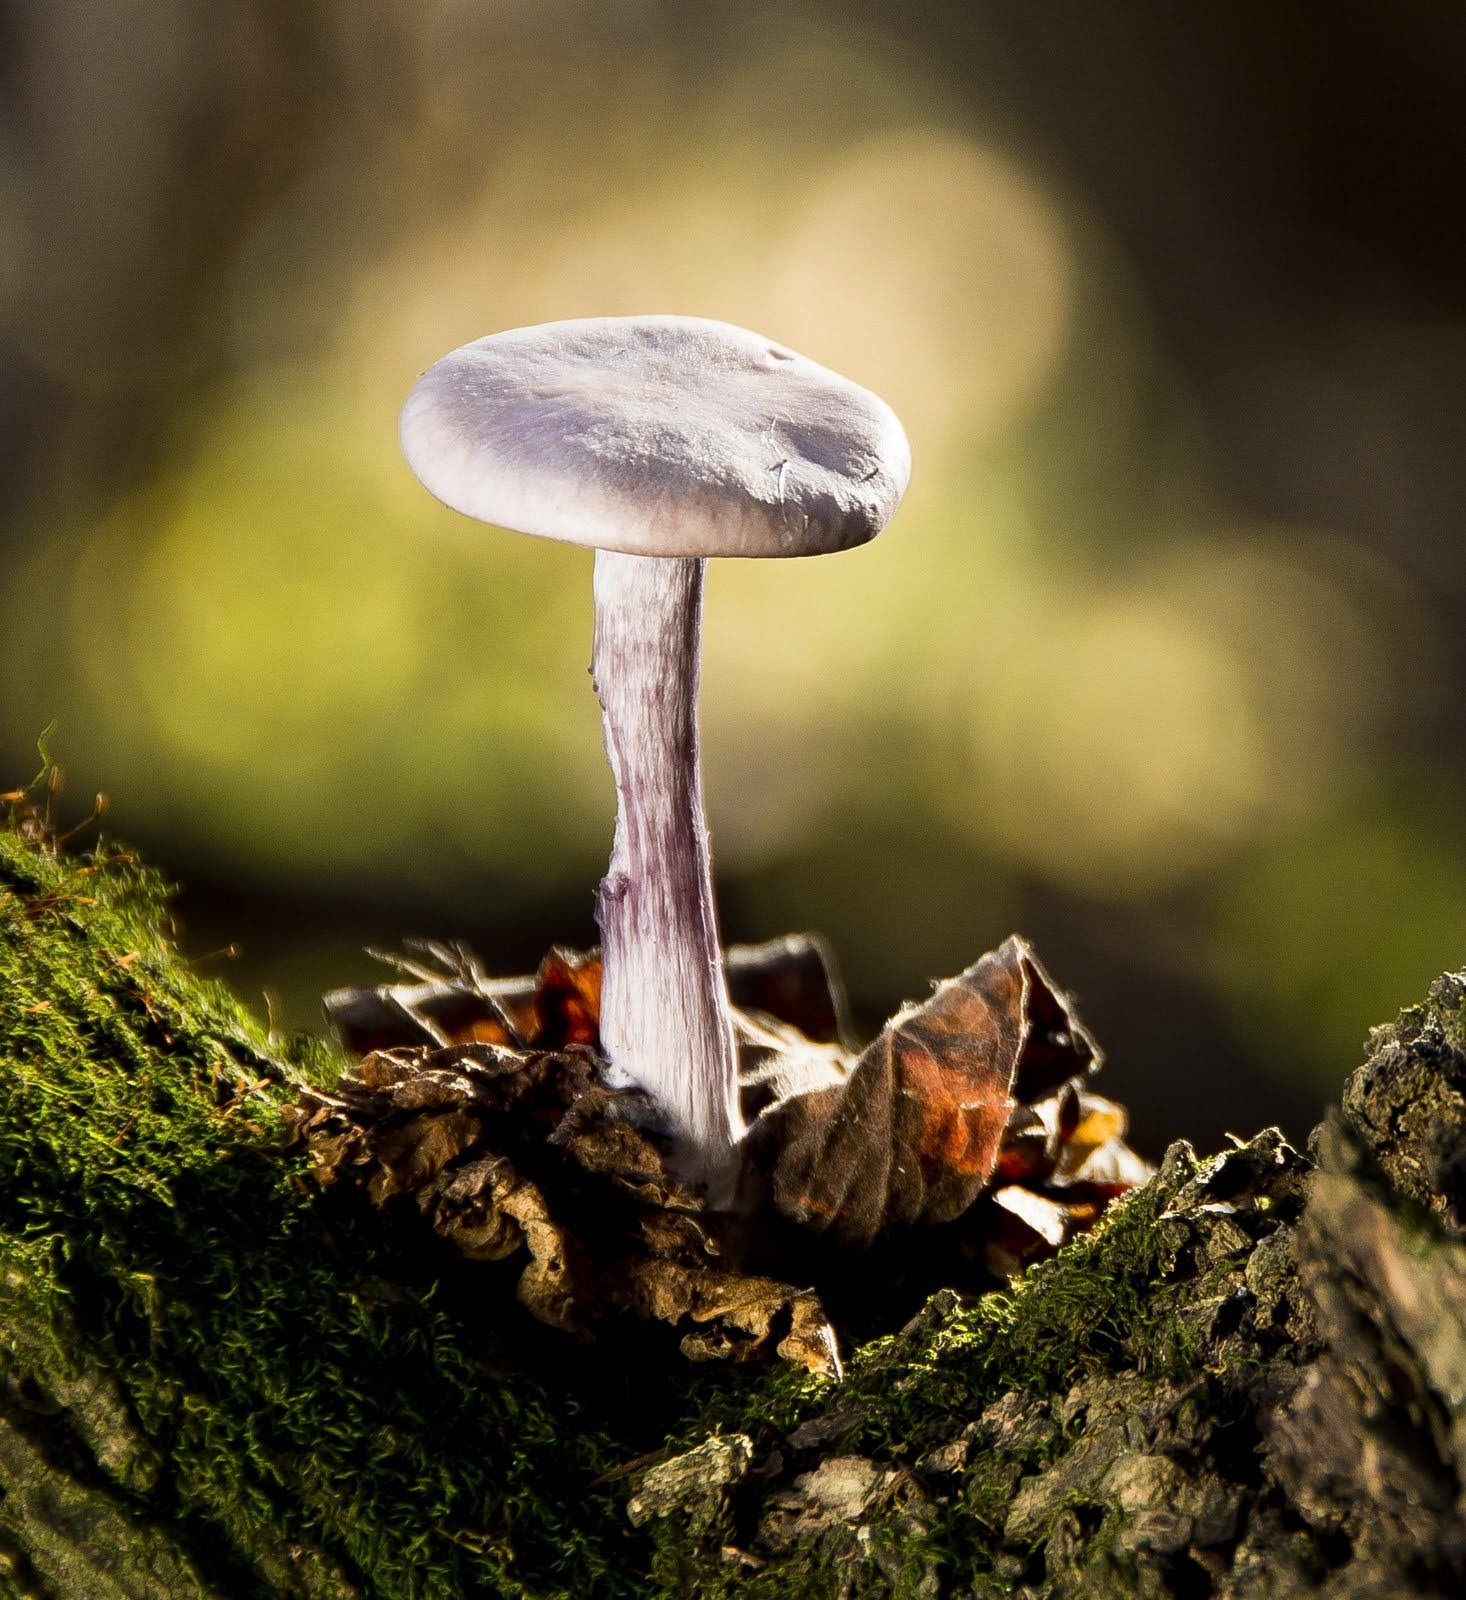 apró gombák férgek a gyermekek inkubációs periódusában